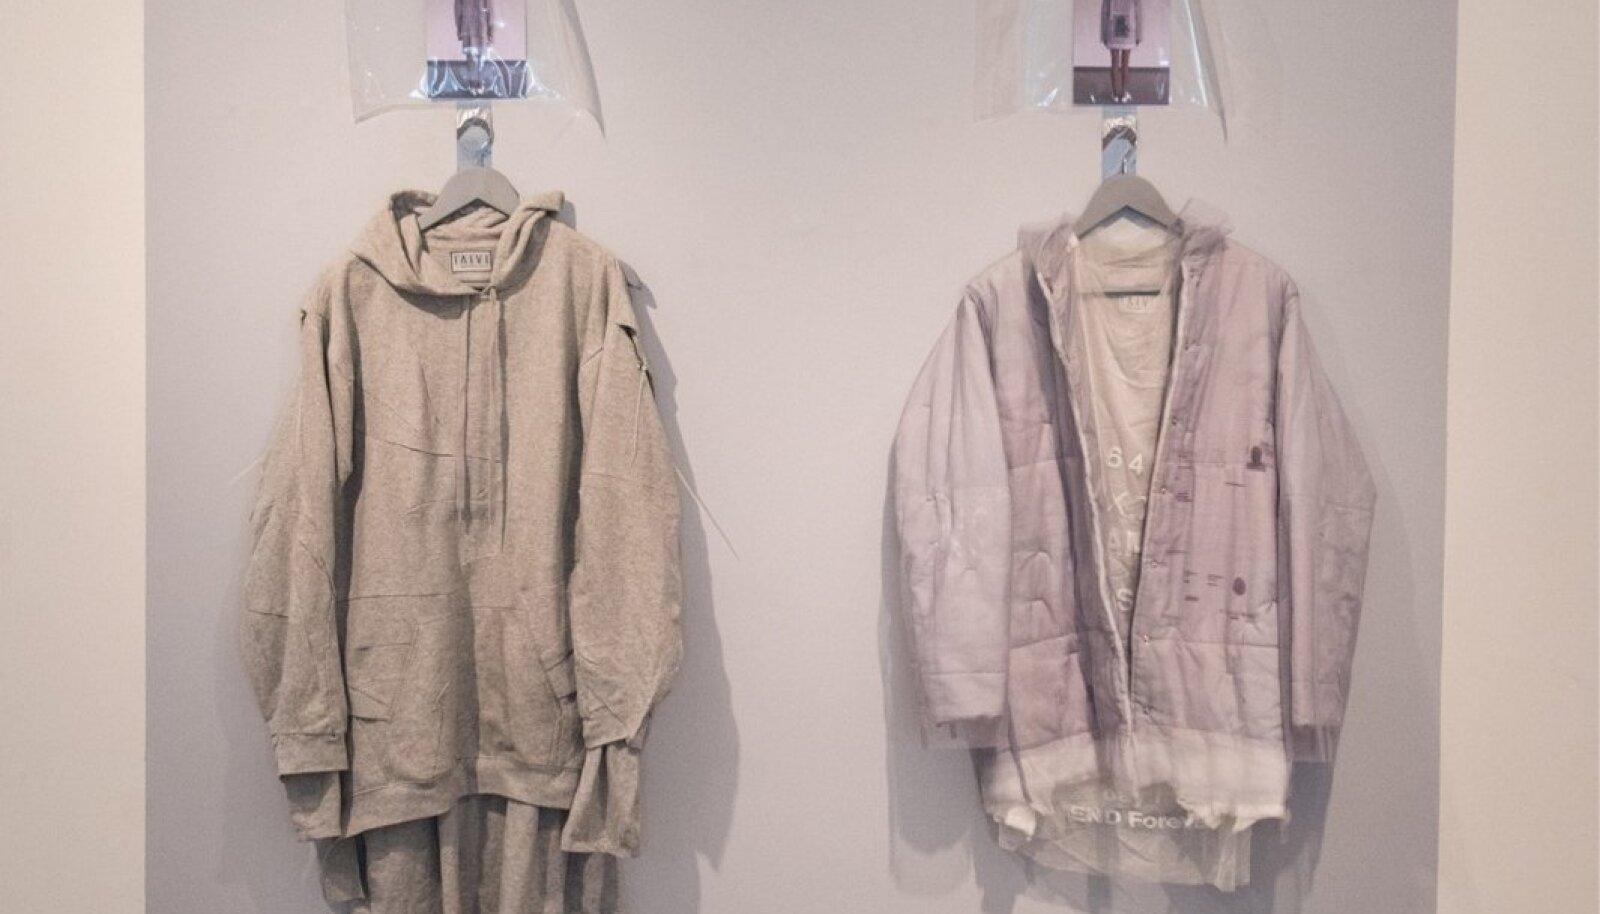 Tänapäevased sooneutraalsed rõivad tutvustavad tulevikumoodi, kus brändisõltuvuse kõrval on ruumi ka isikupärastele valikutele.